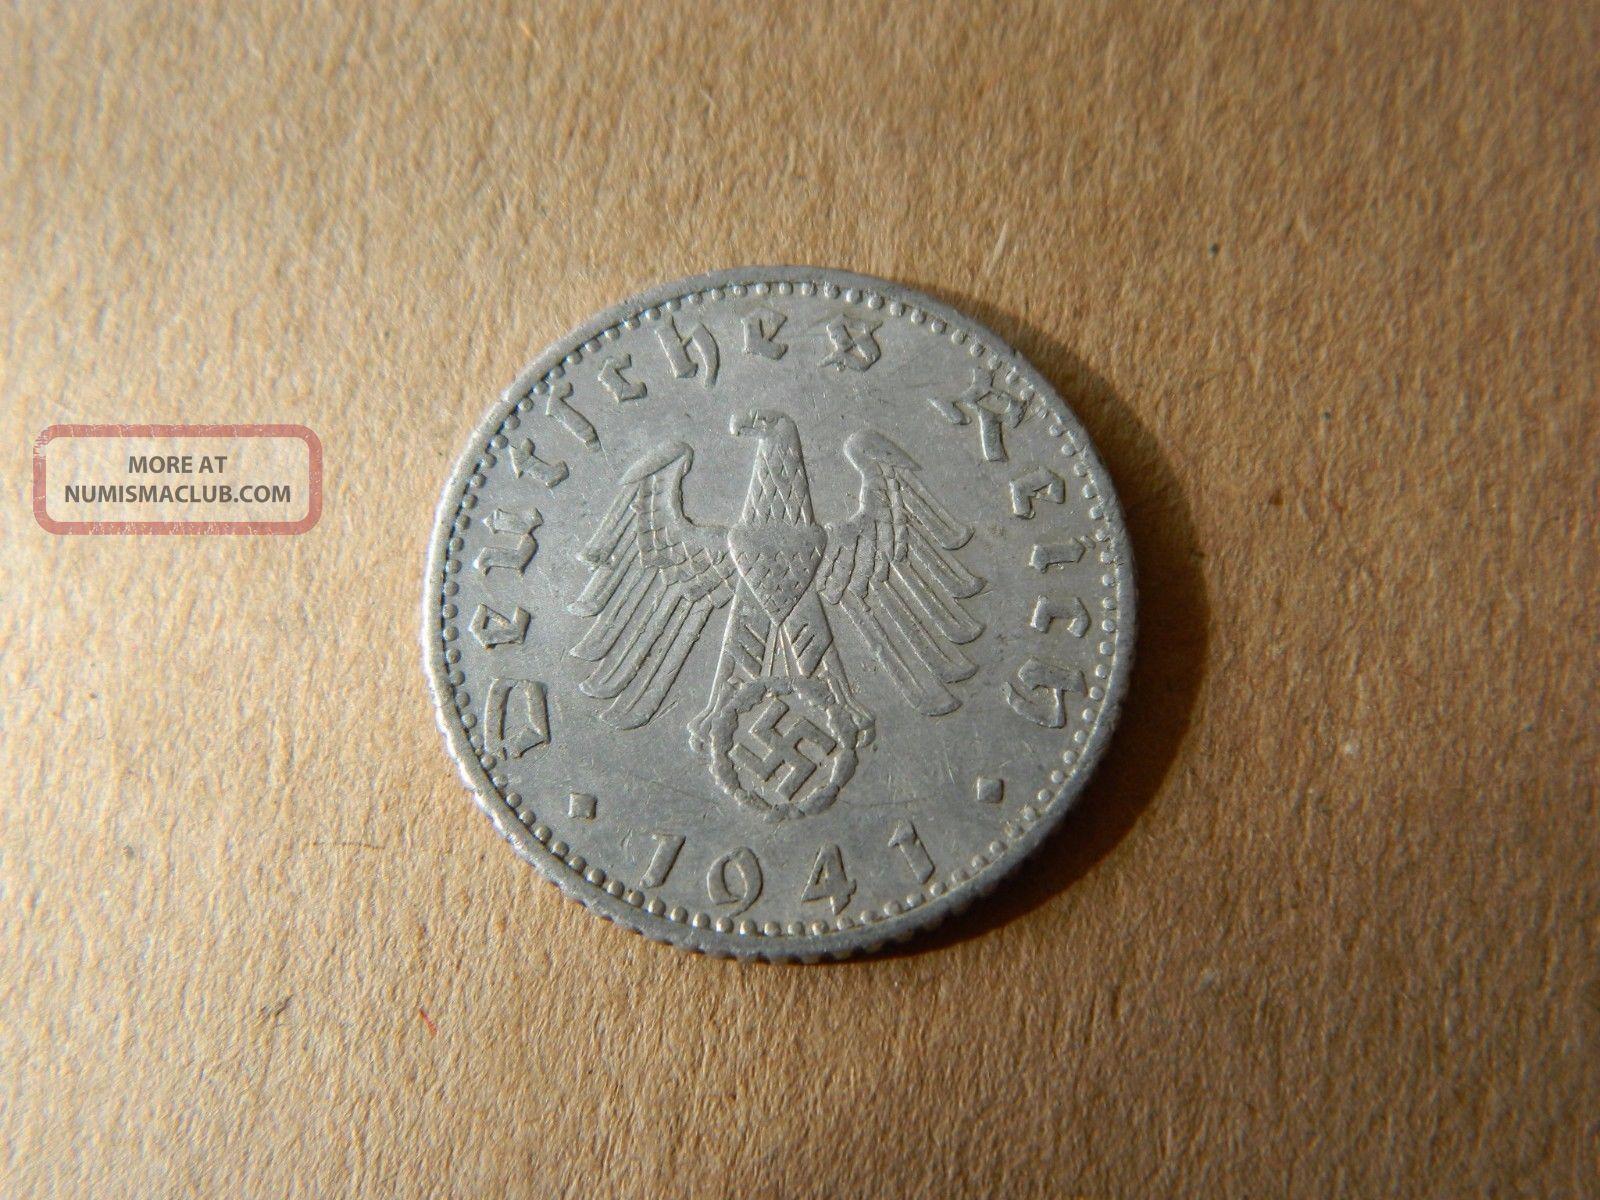 Nazi Third Reich German 50 Reichspfennig 1941 - F With Swastika - Km 96 - (3306) Third Reich (1933-45) photo